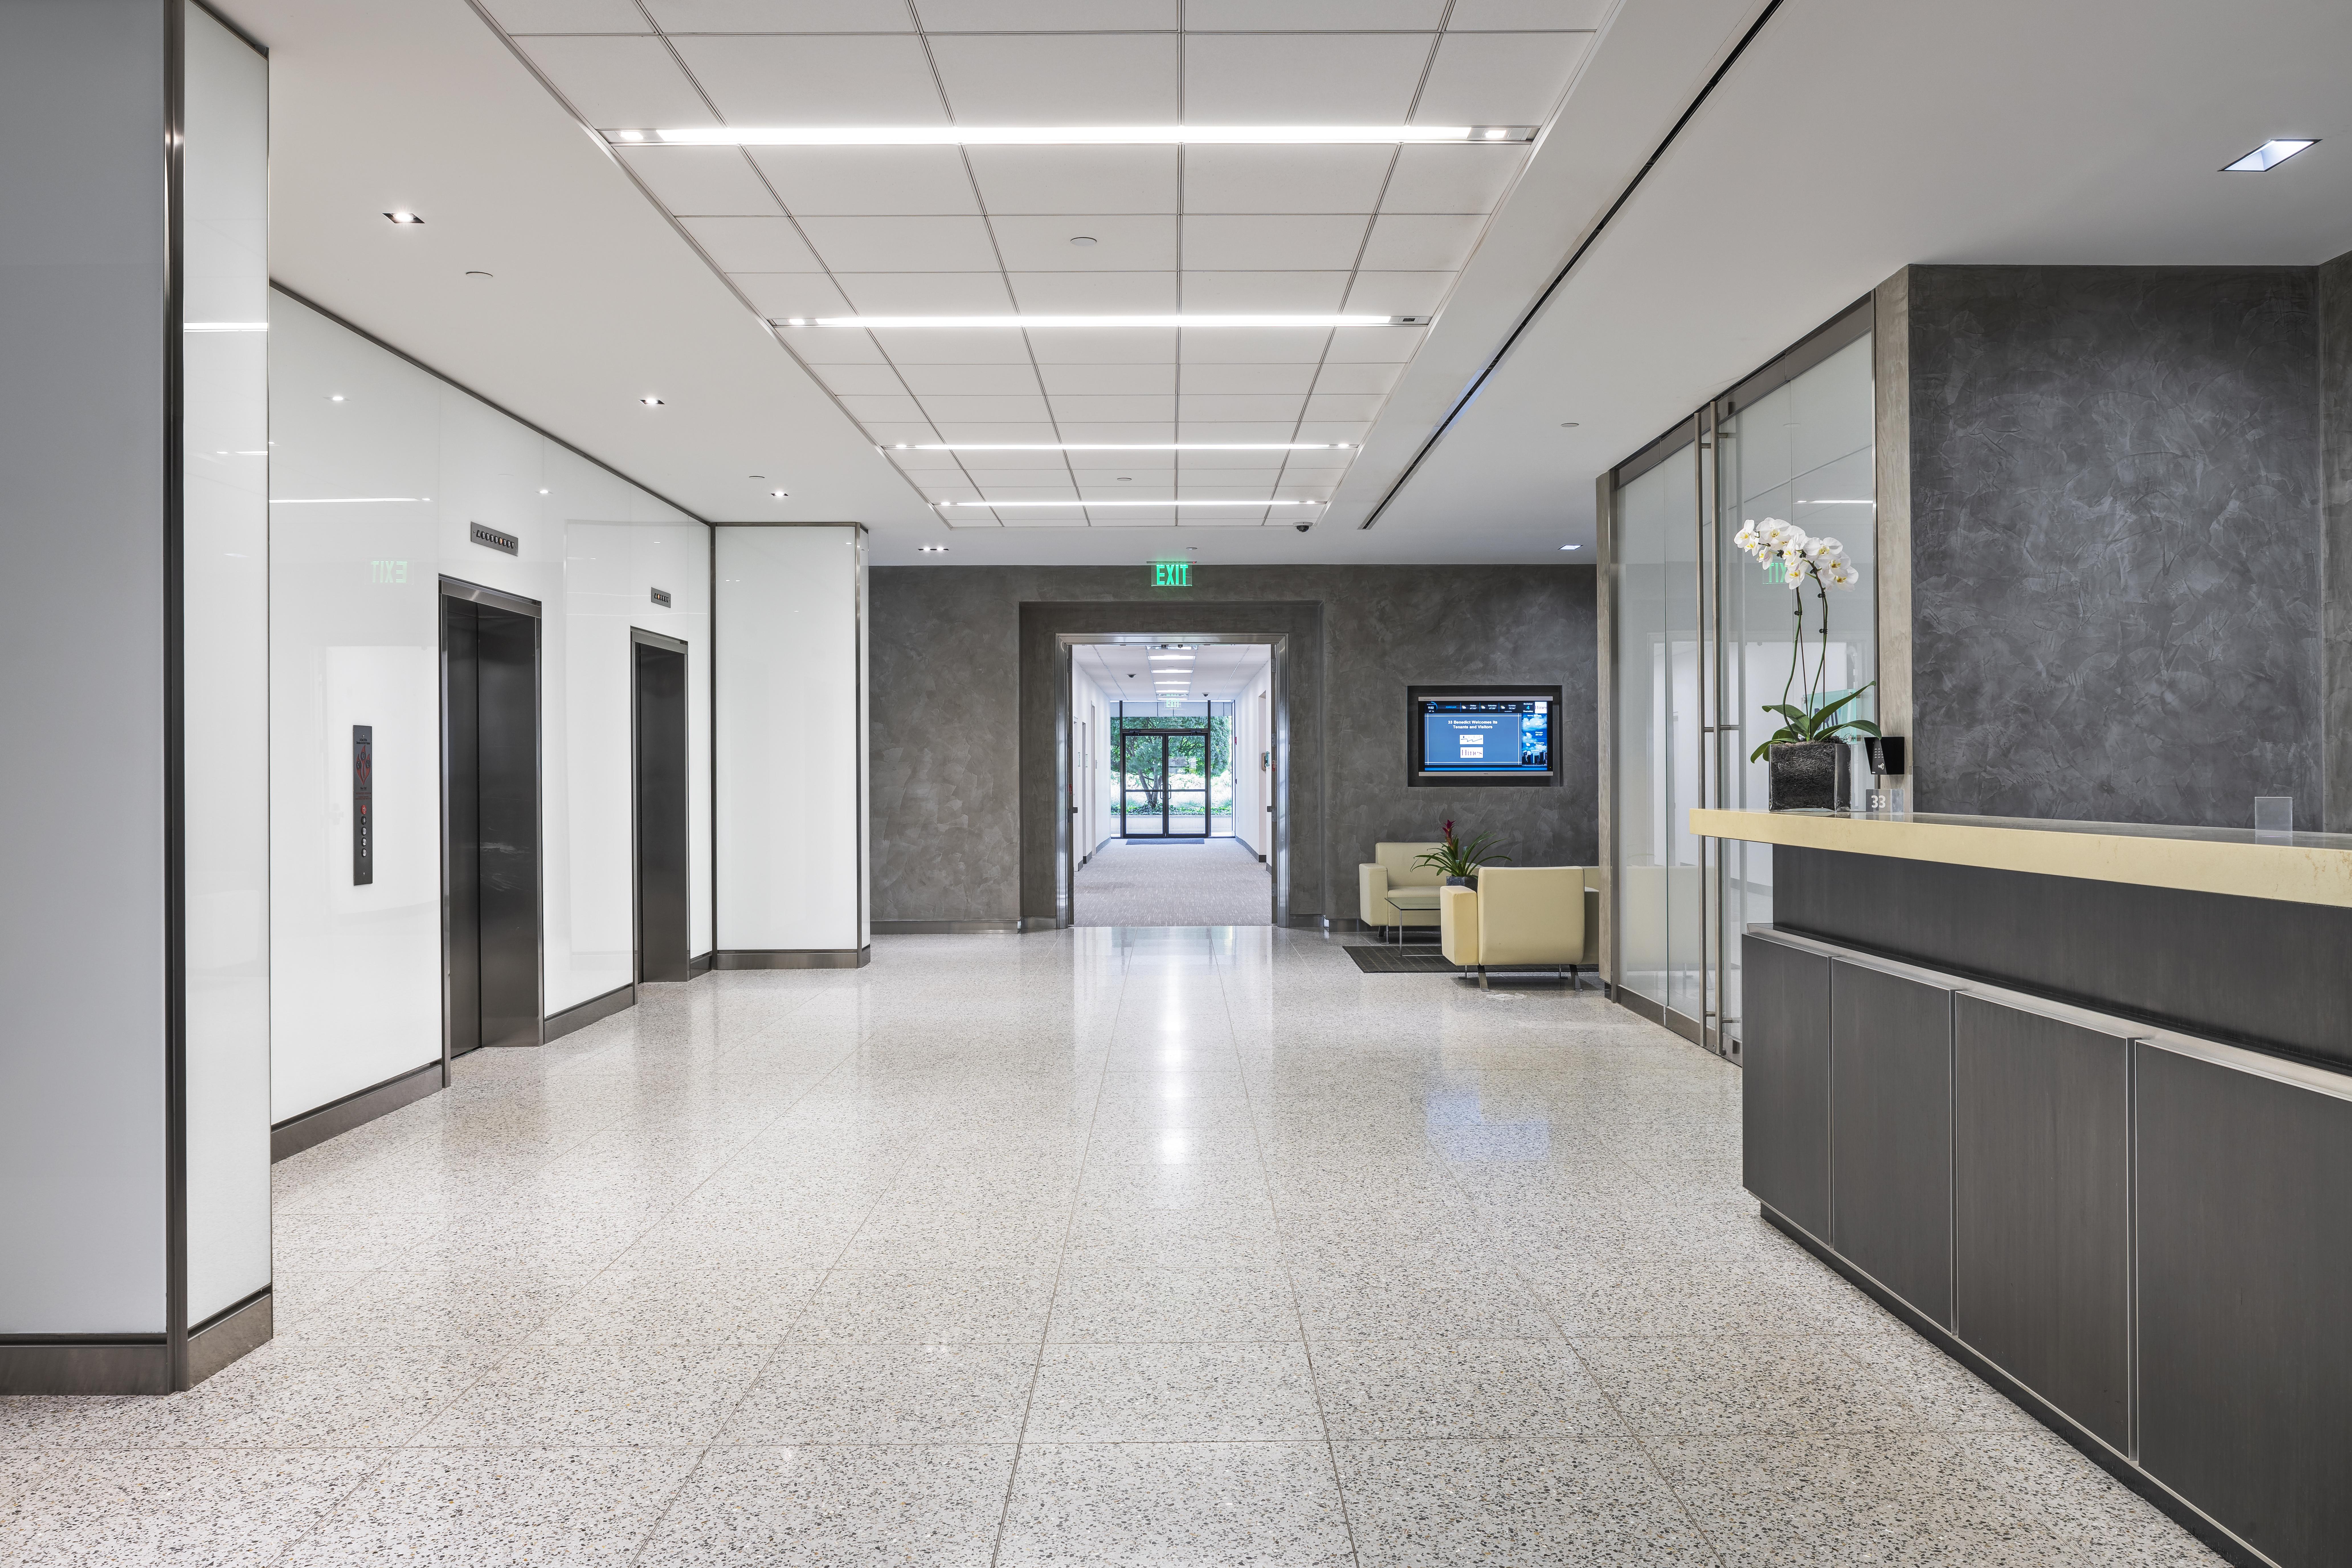 33 Benedict Place elevator area